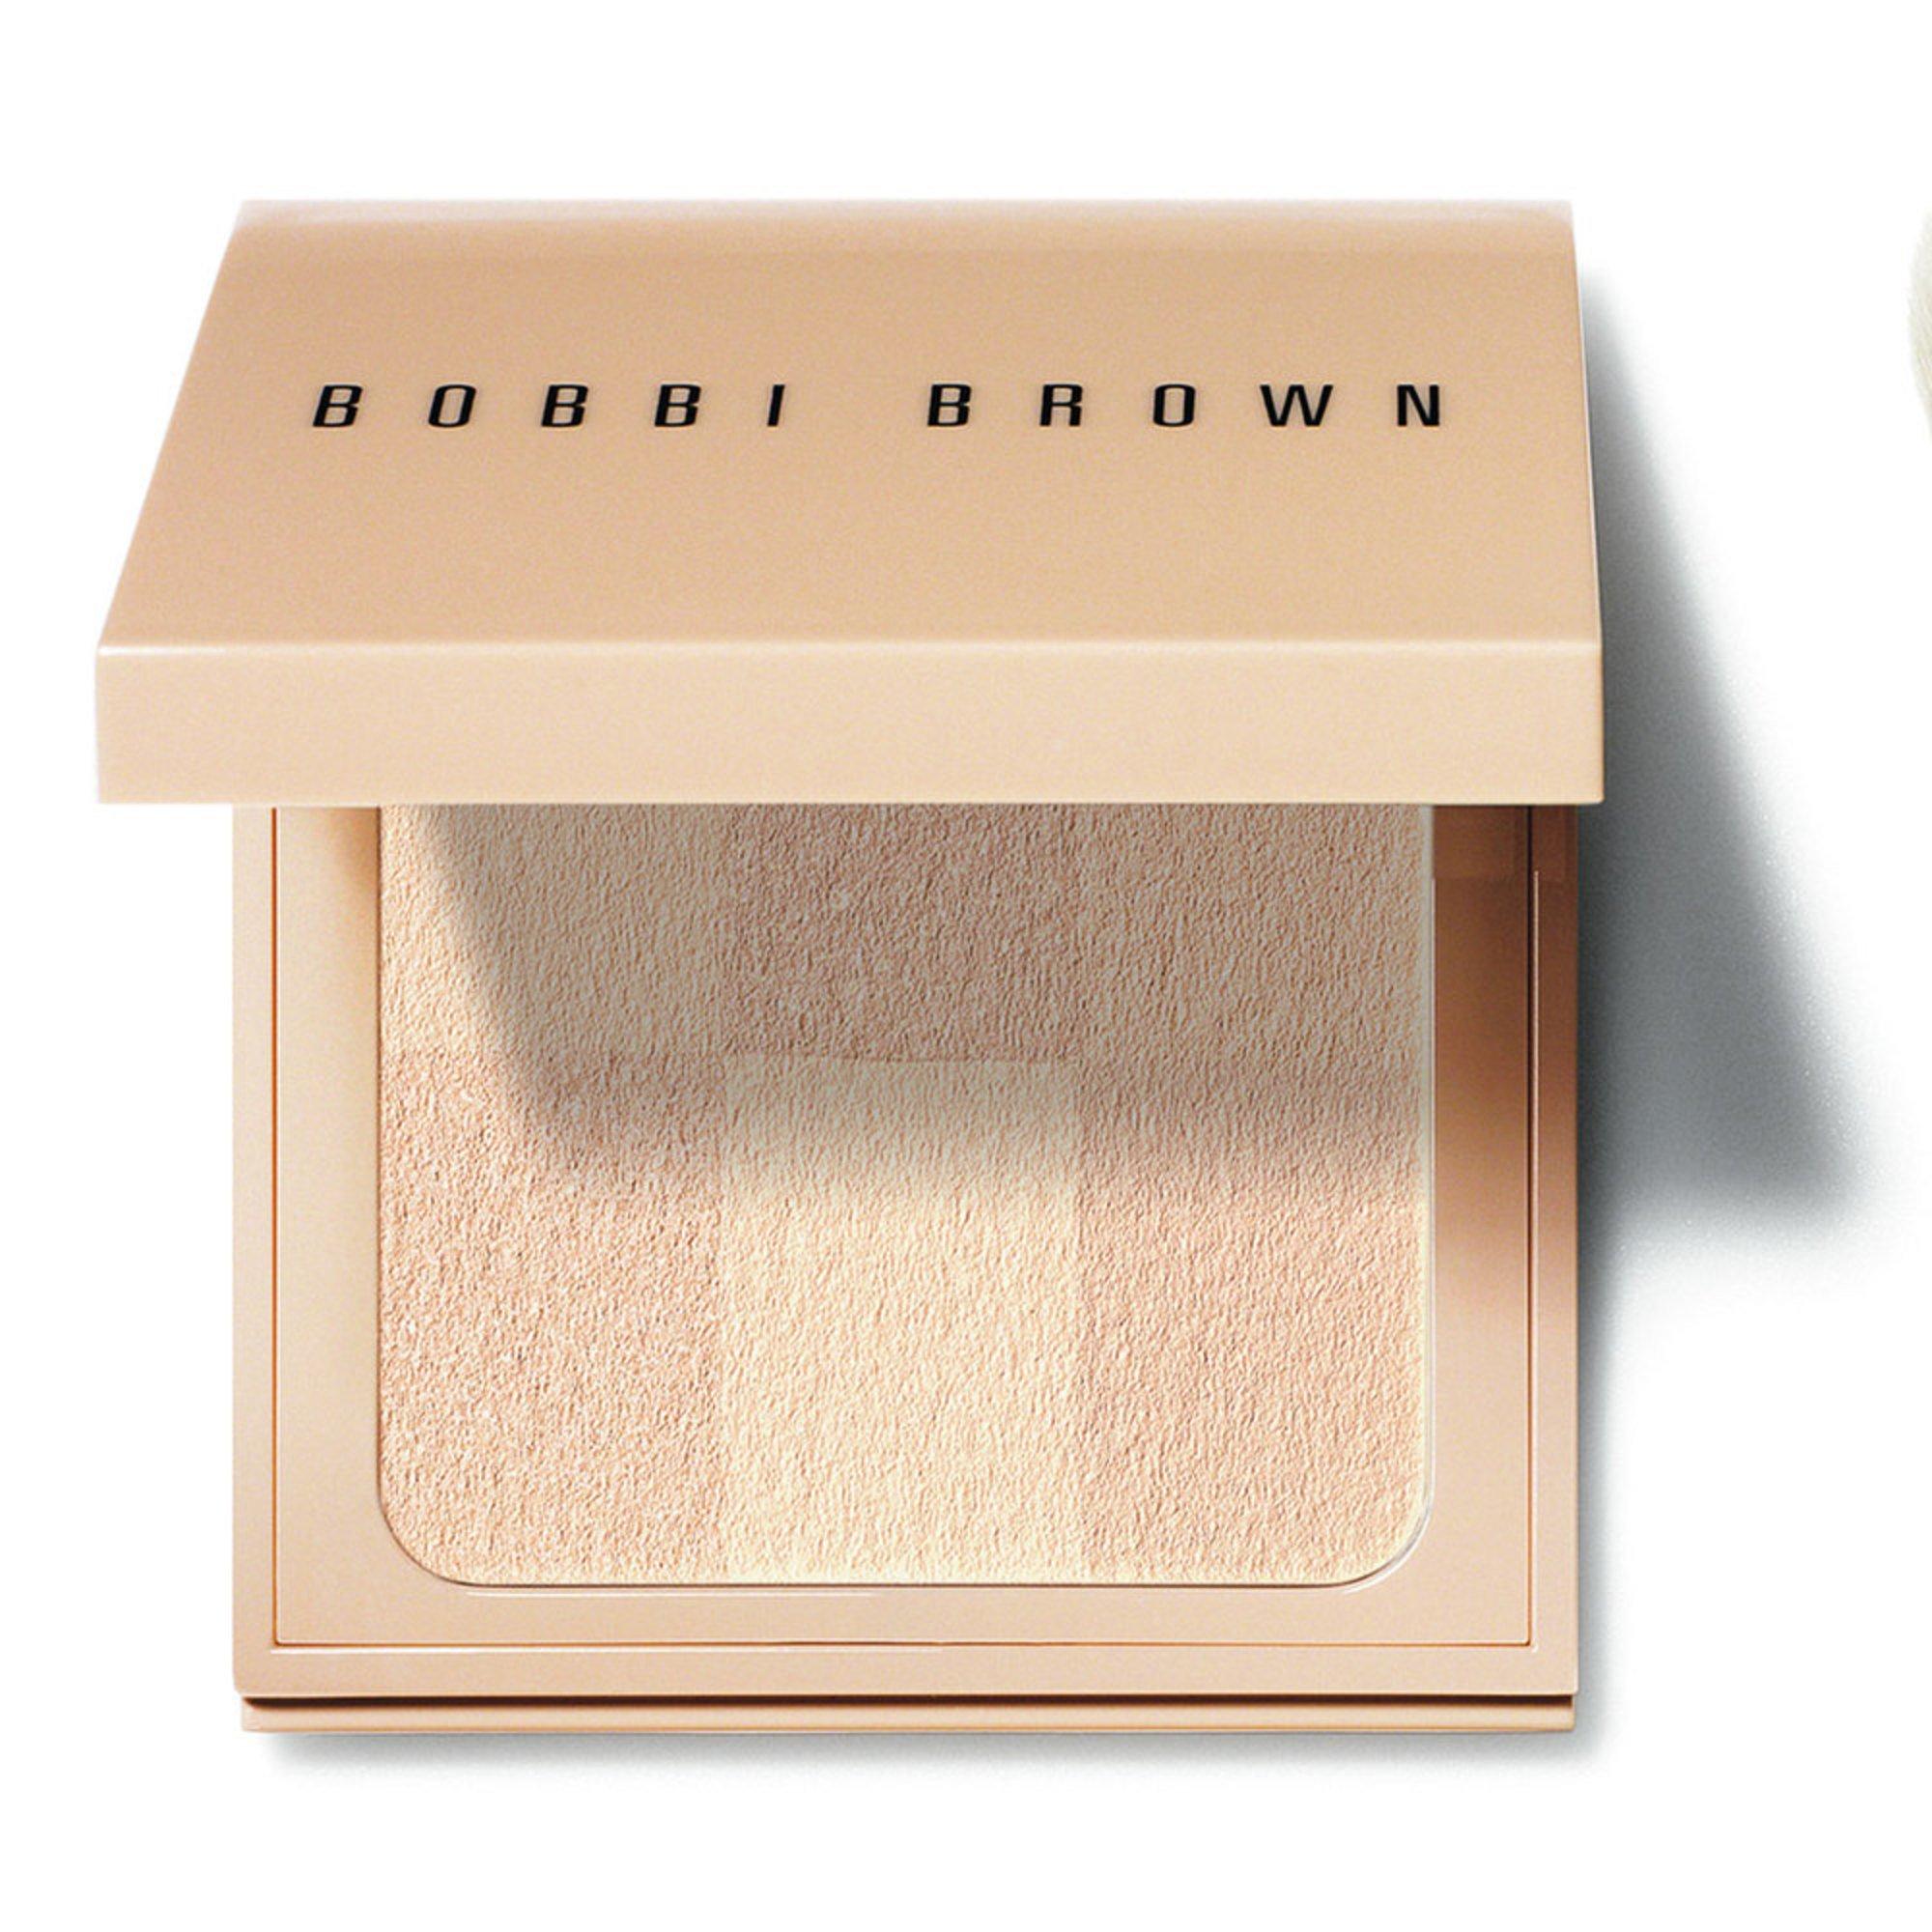 Buy Bobbi Brown Nude Finish Illuminating Powder - Nude - NNNOW.com